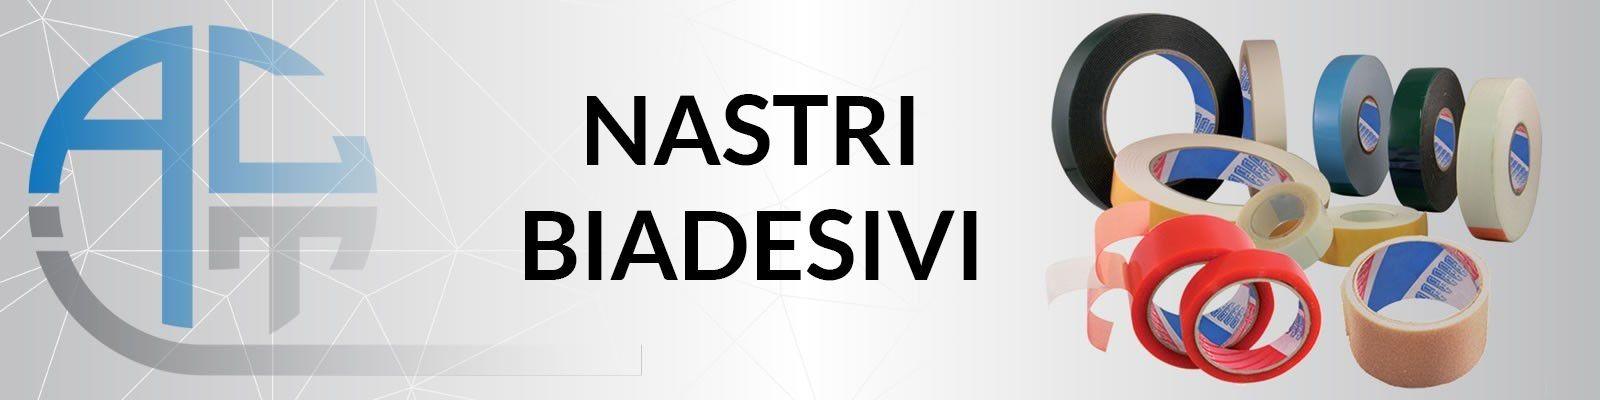 Nastri Biadesivi